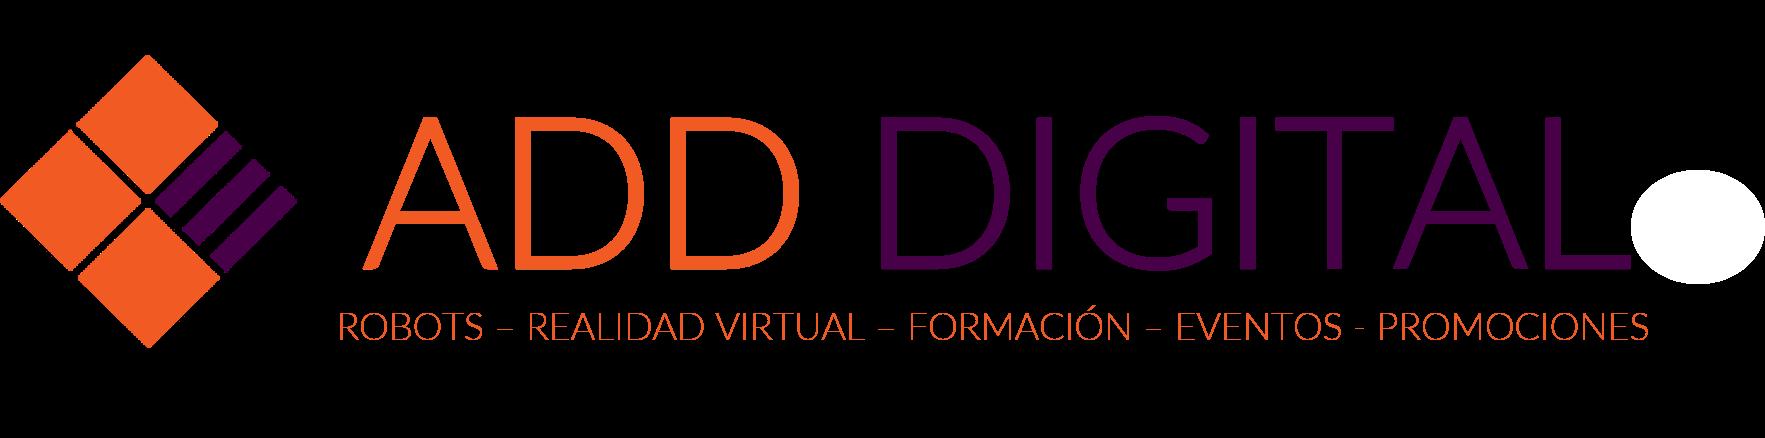 Habilidades Digitales Formacion